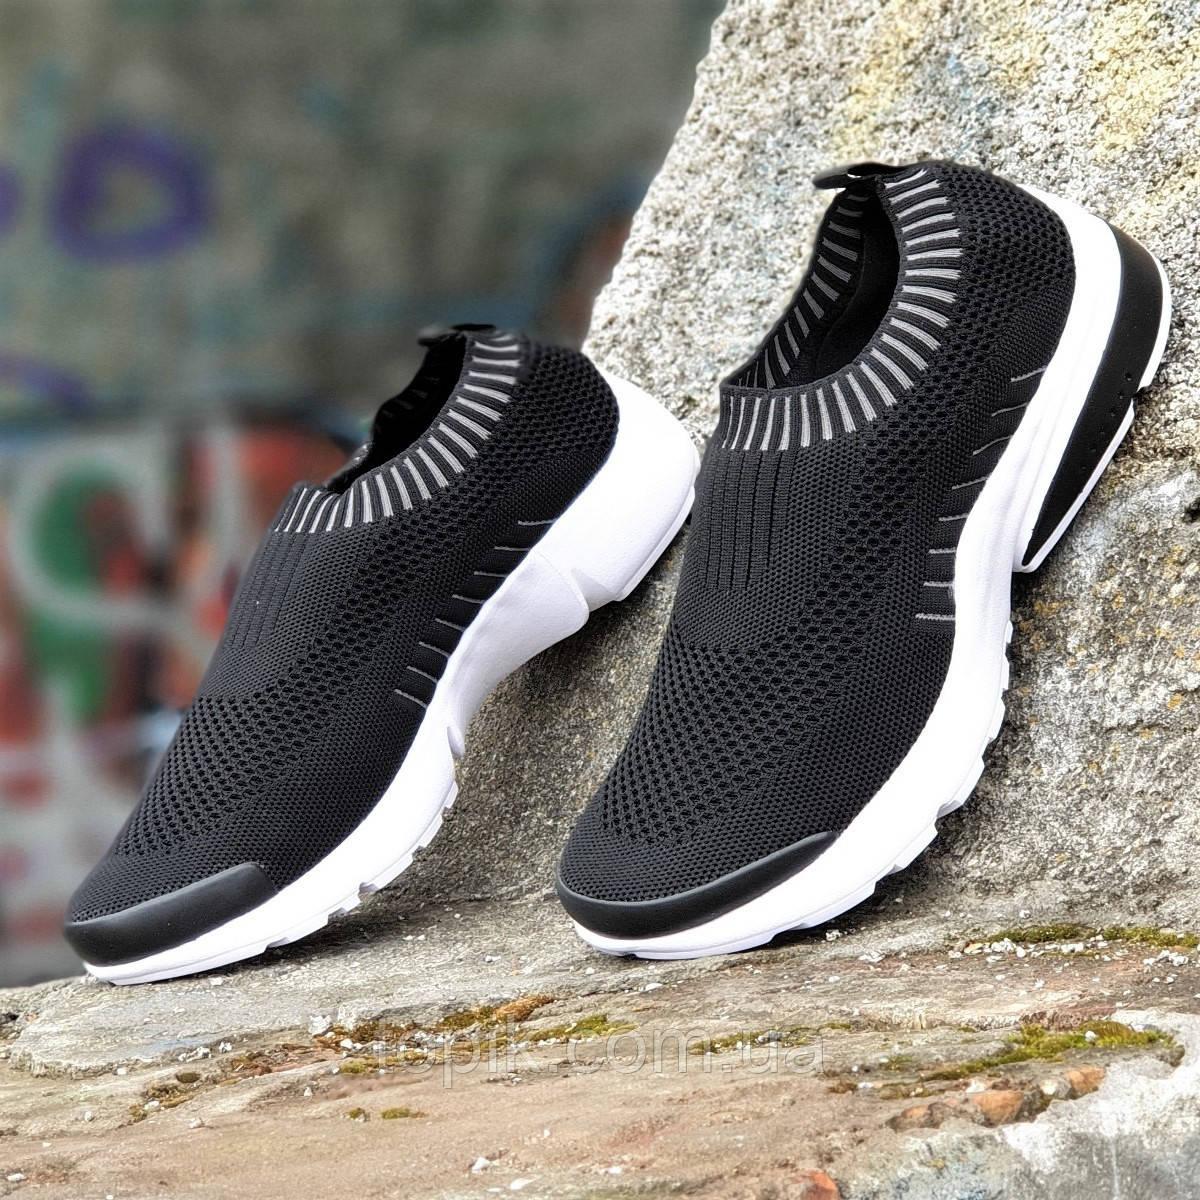 d2be6174 Мужские летние кроссовки носки без шнурков черные (Код: 1380а ...